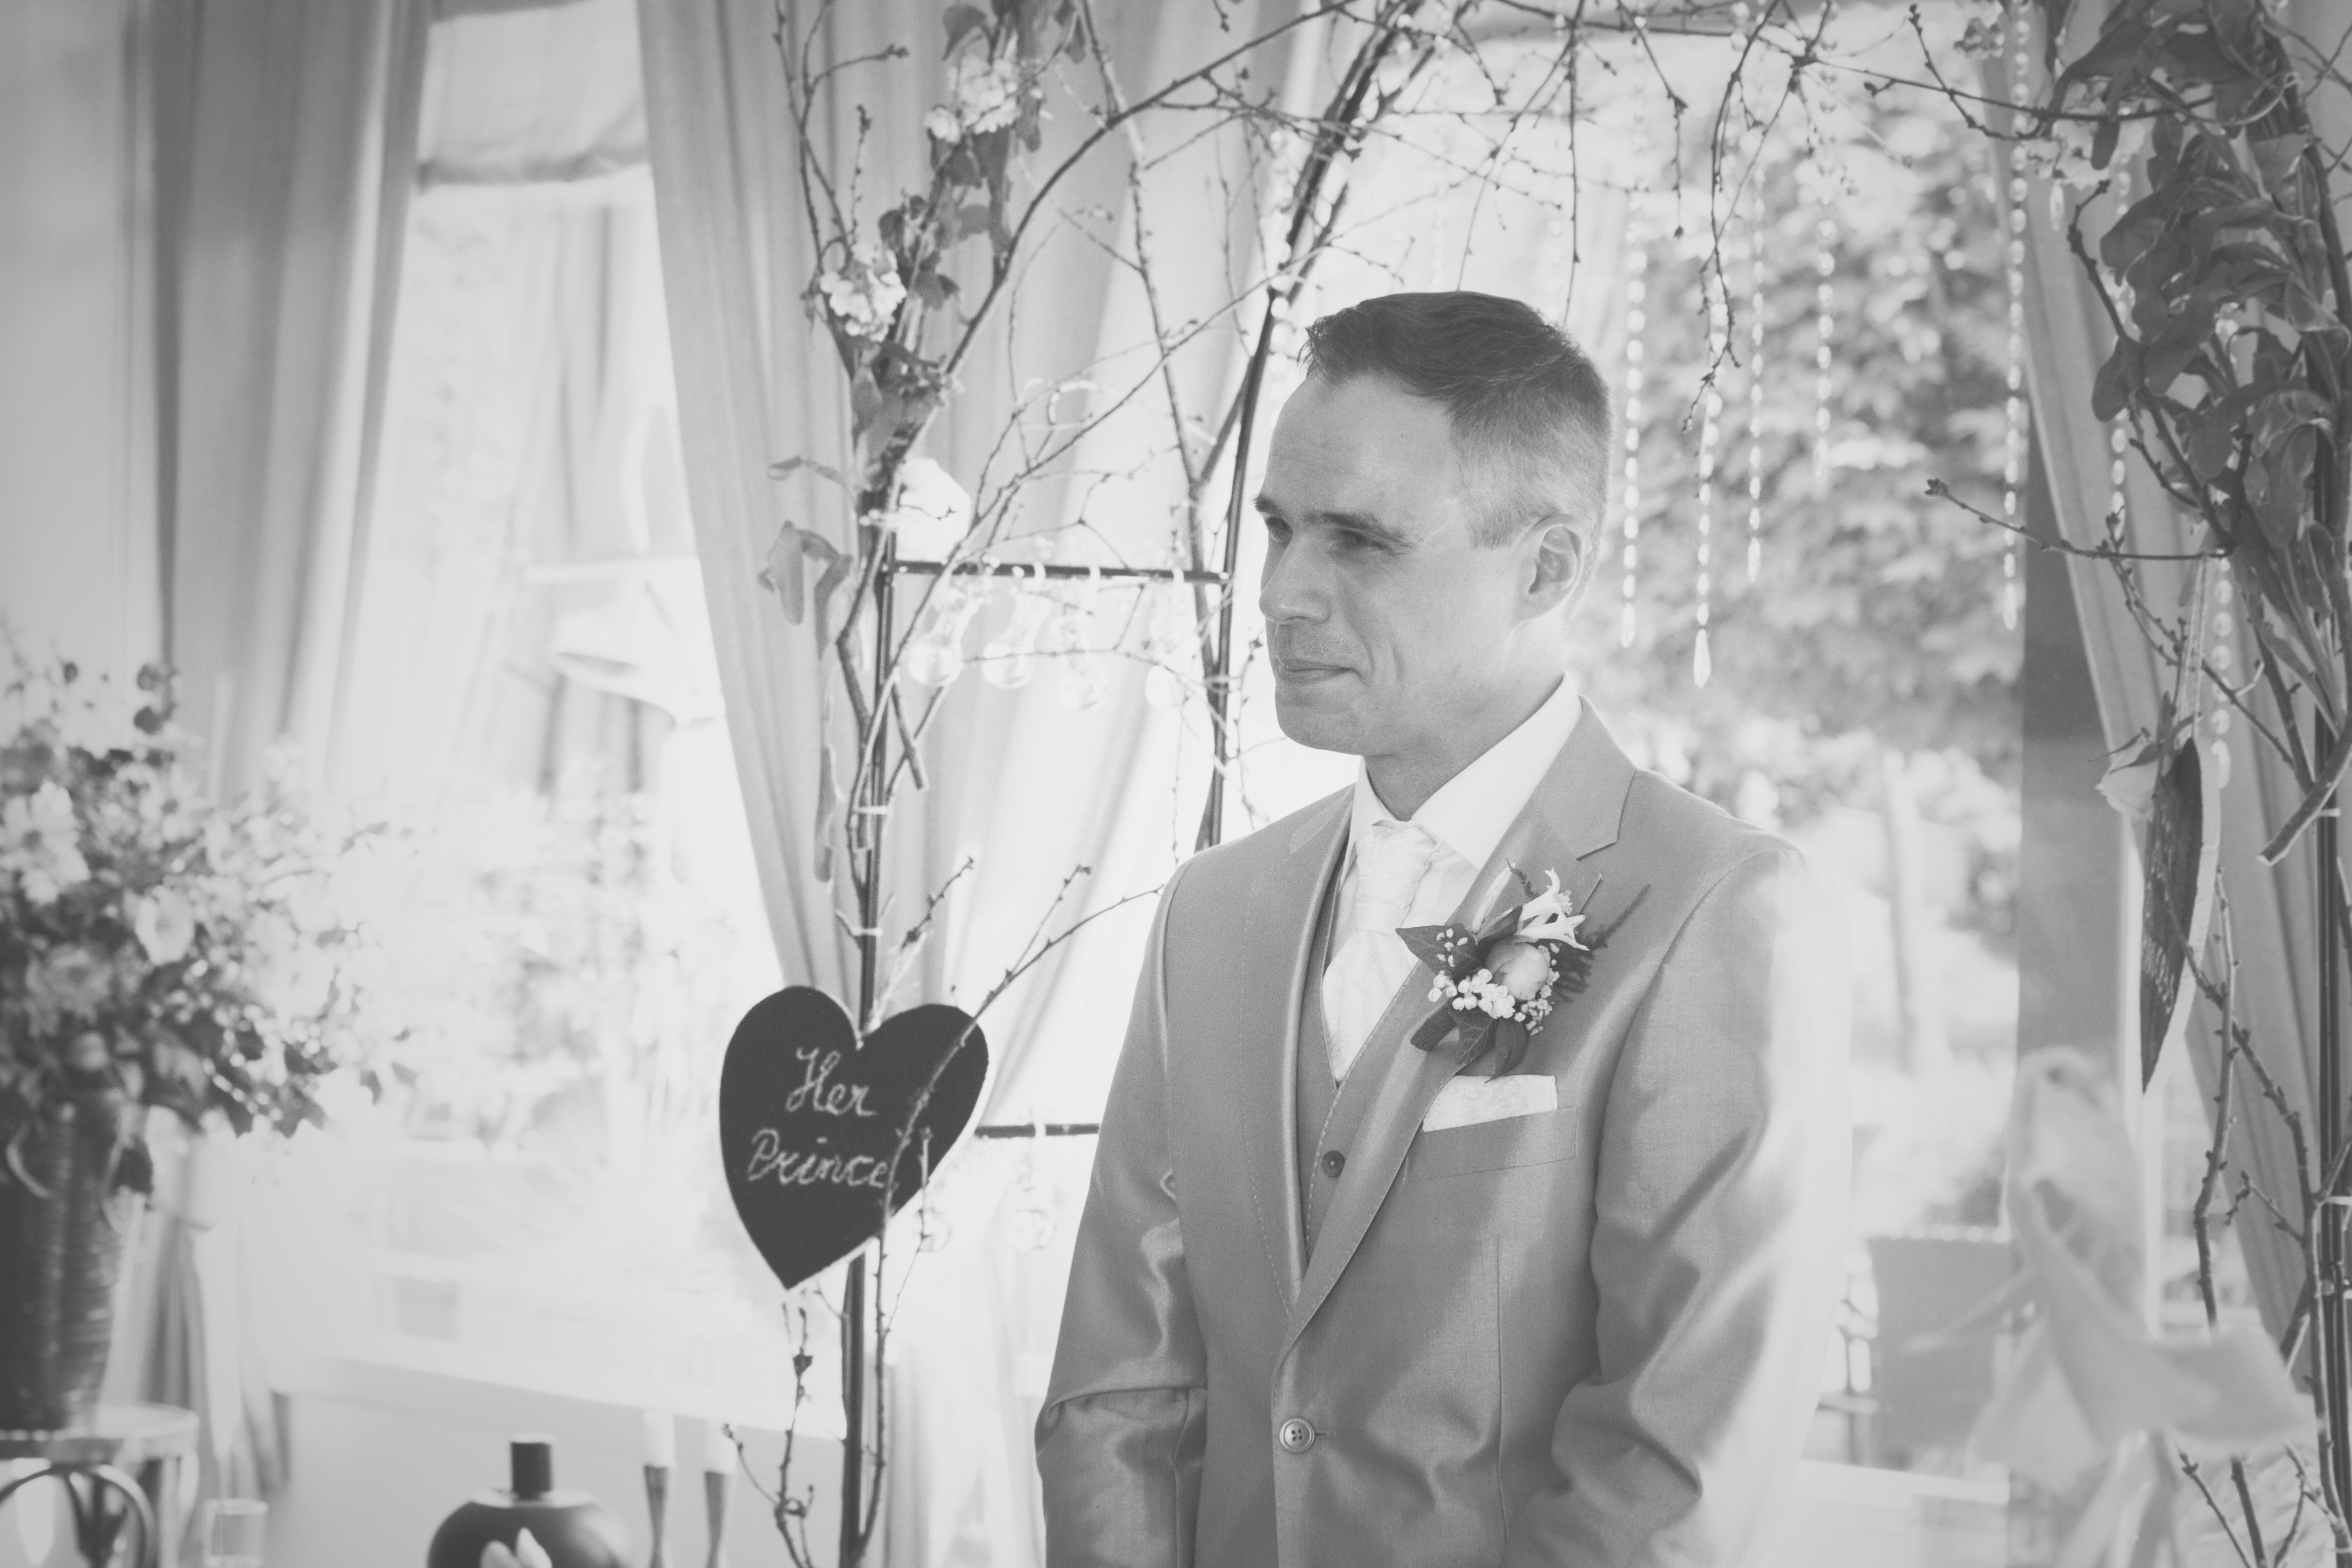 Mijn eerste bruiloft